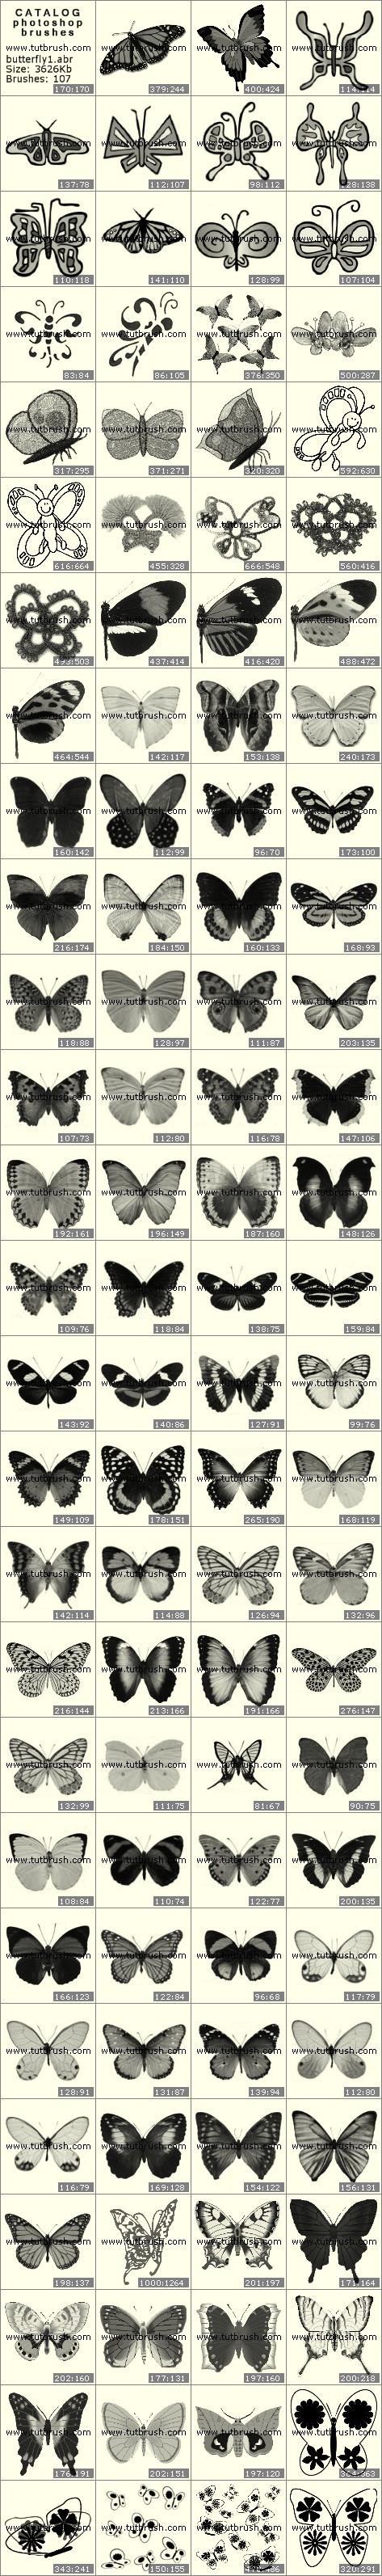 Кисти фотошоп коллекция бабочек